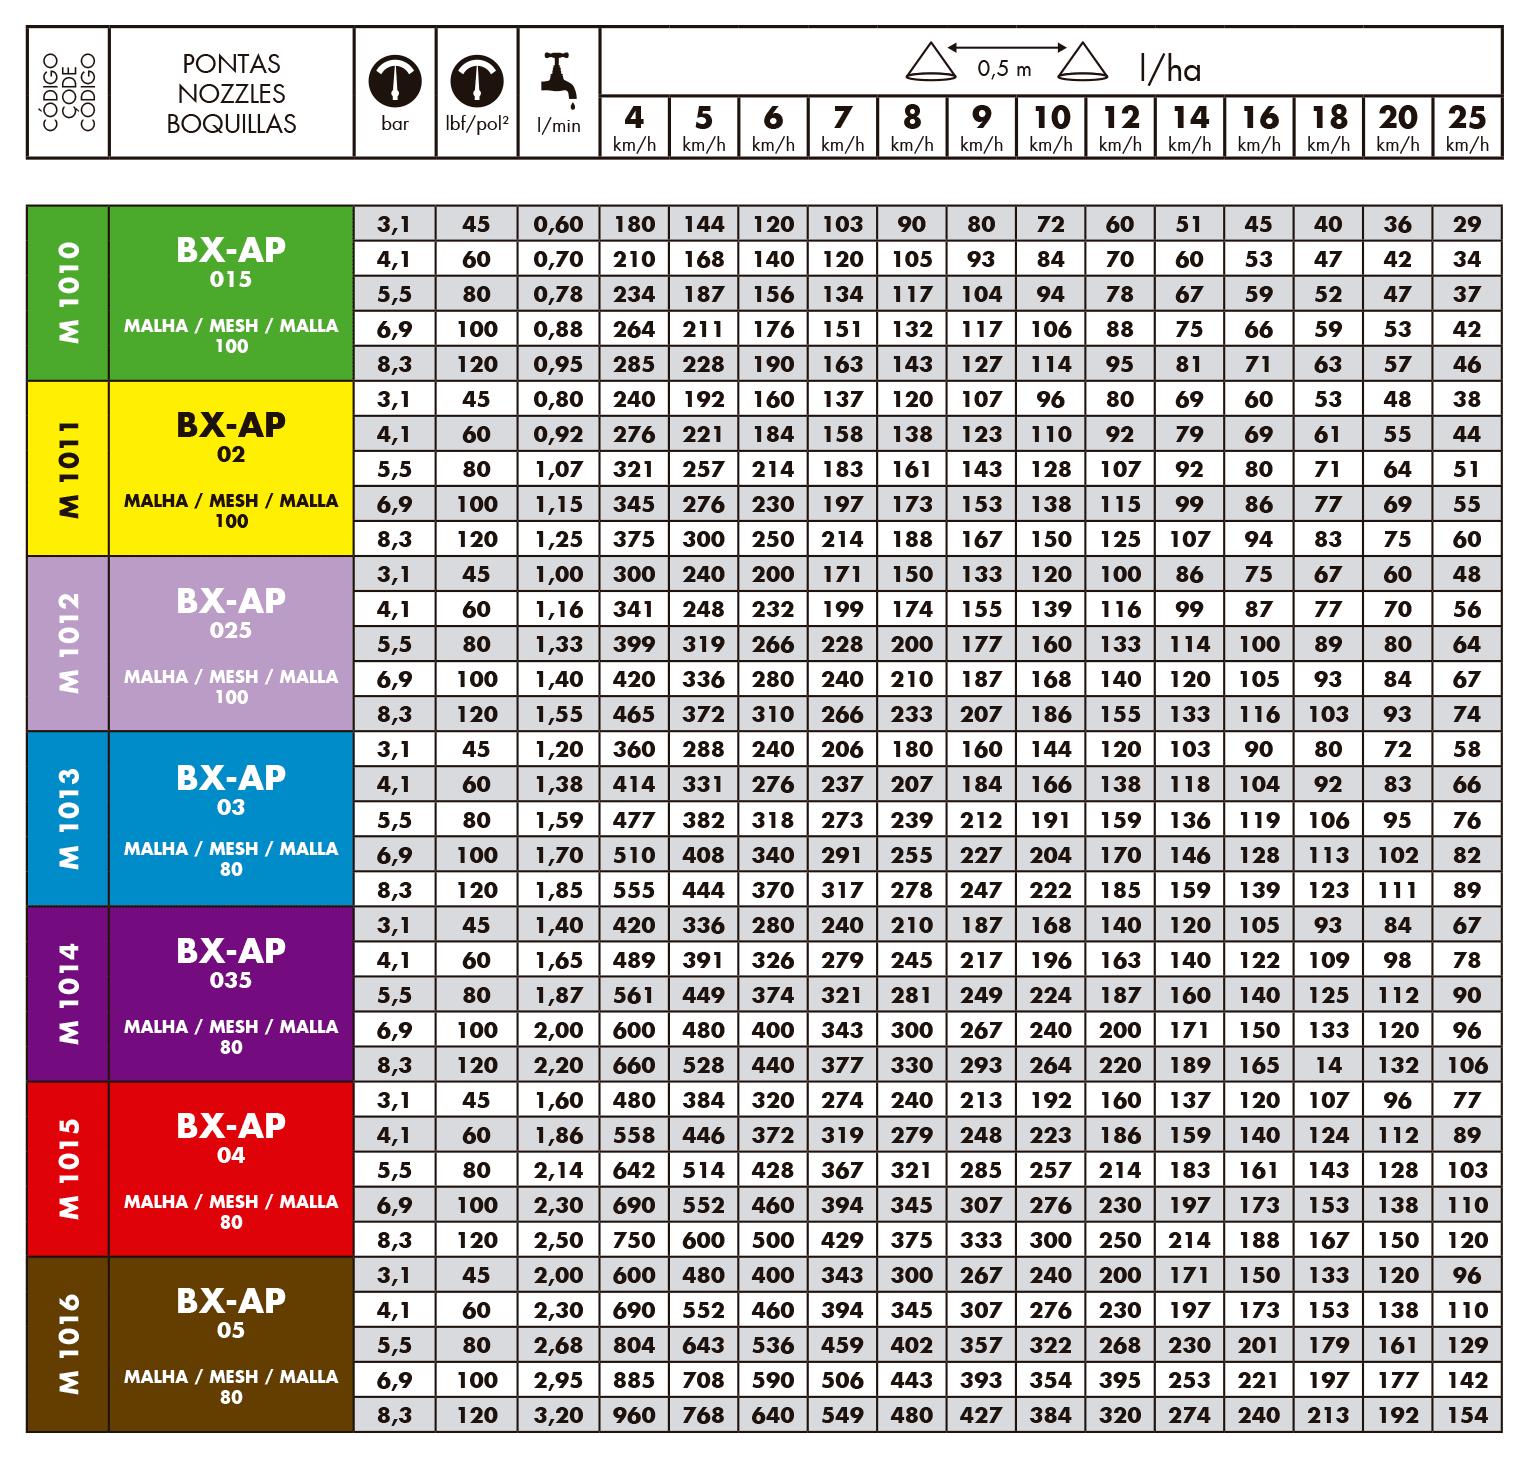 Tabela de vazão do bico de pulverização Magnojet BXAP